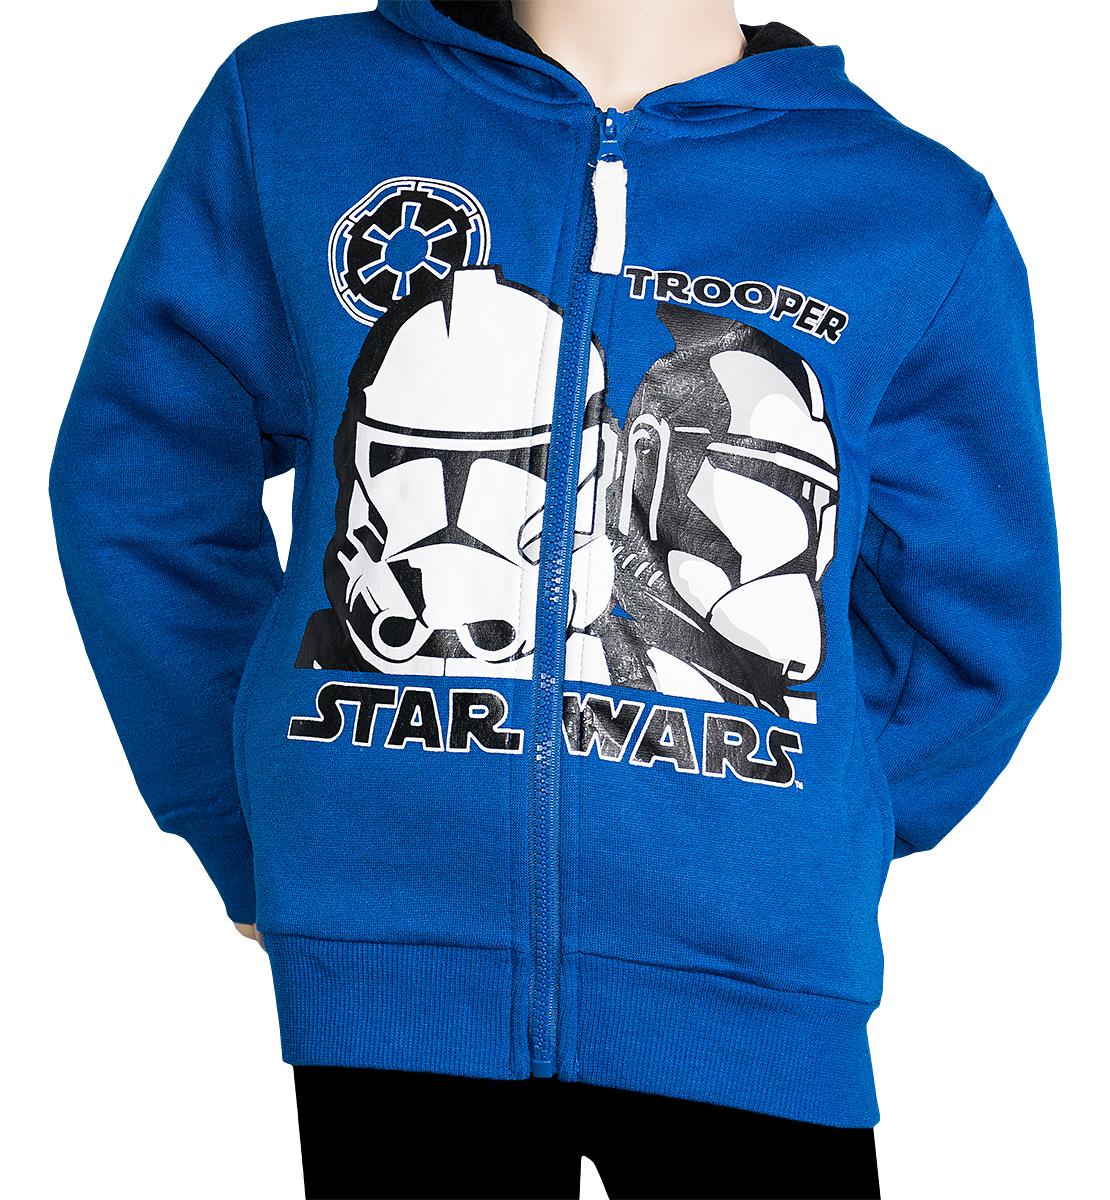 Krásná originální dětská mikina Star Wars pro kluky, modrá